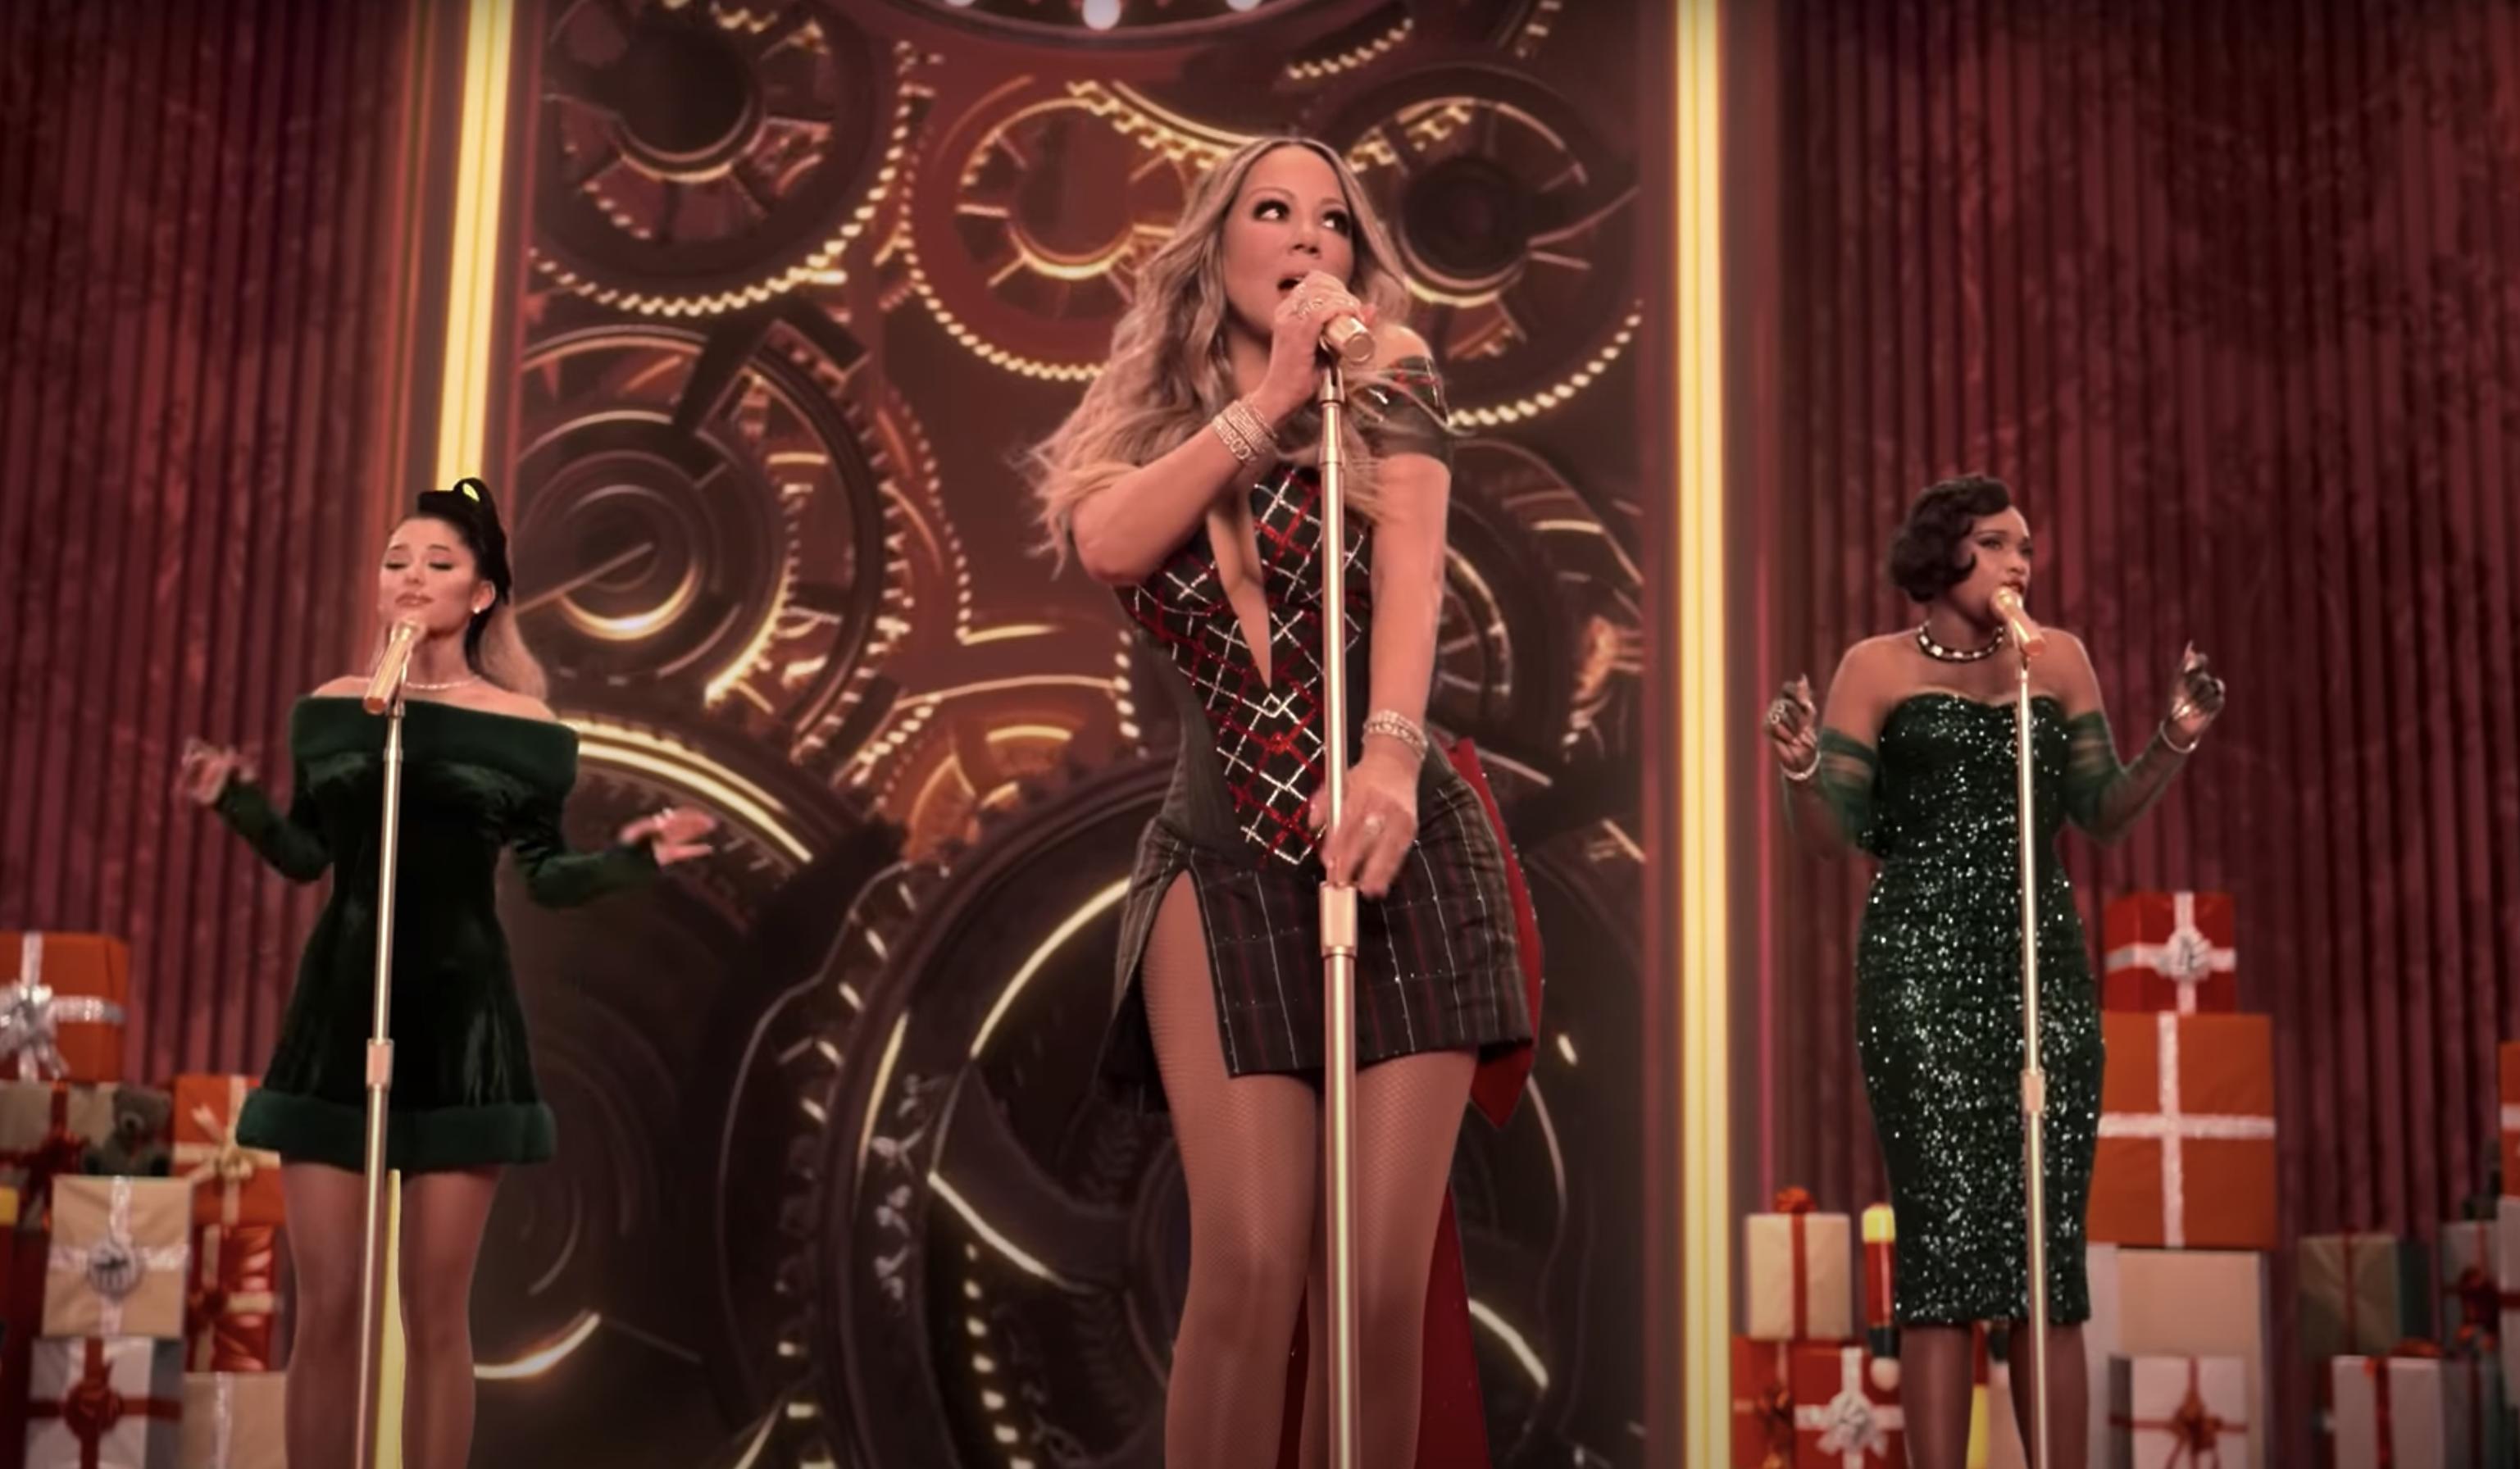 Legendarische samenwerking Mariah Carey, Ariana Grande en Jennifer Hudson